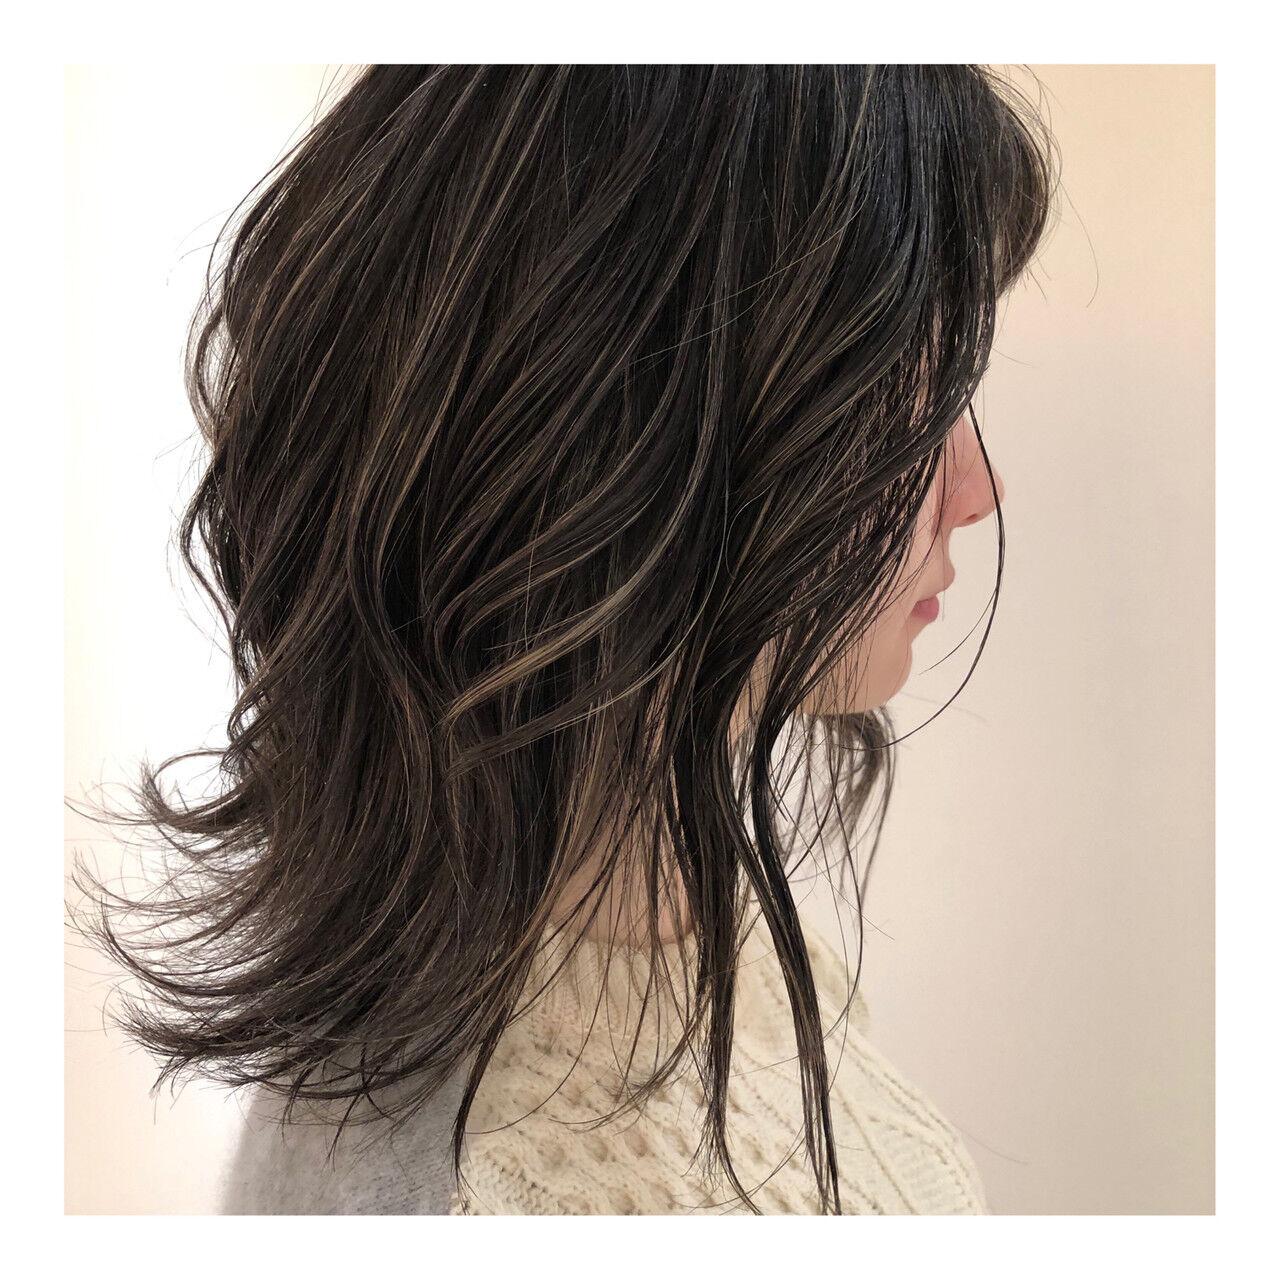 抜け感 グレージュ ミディアム 3Dハイライトヘアスタイルや髪型の写真・画像